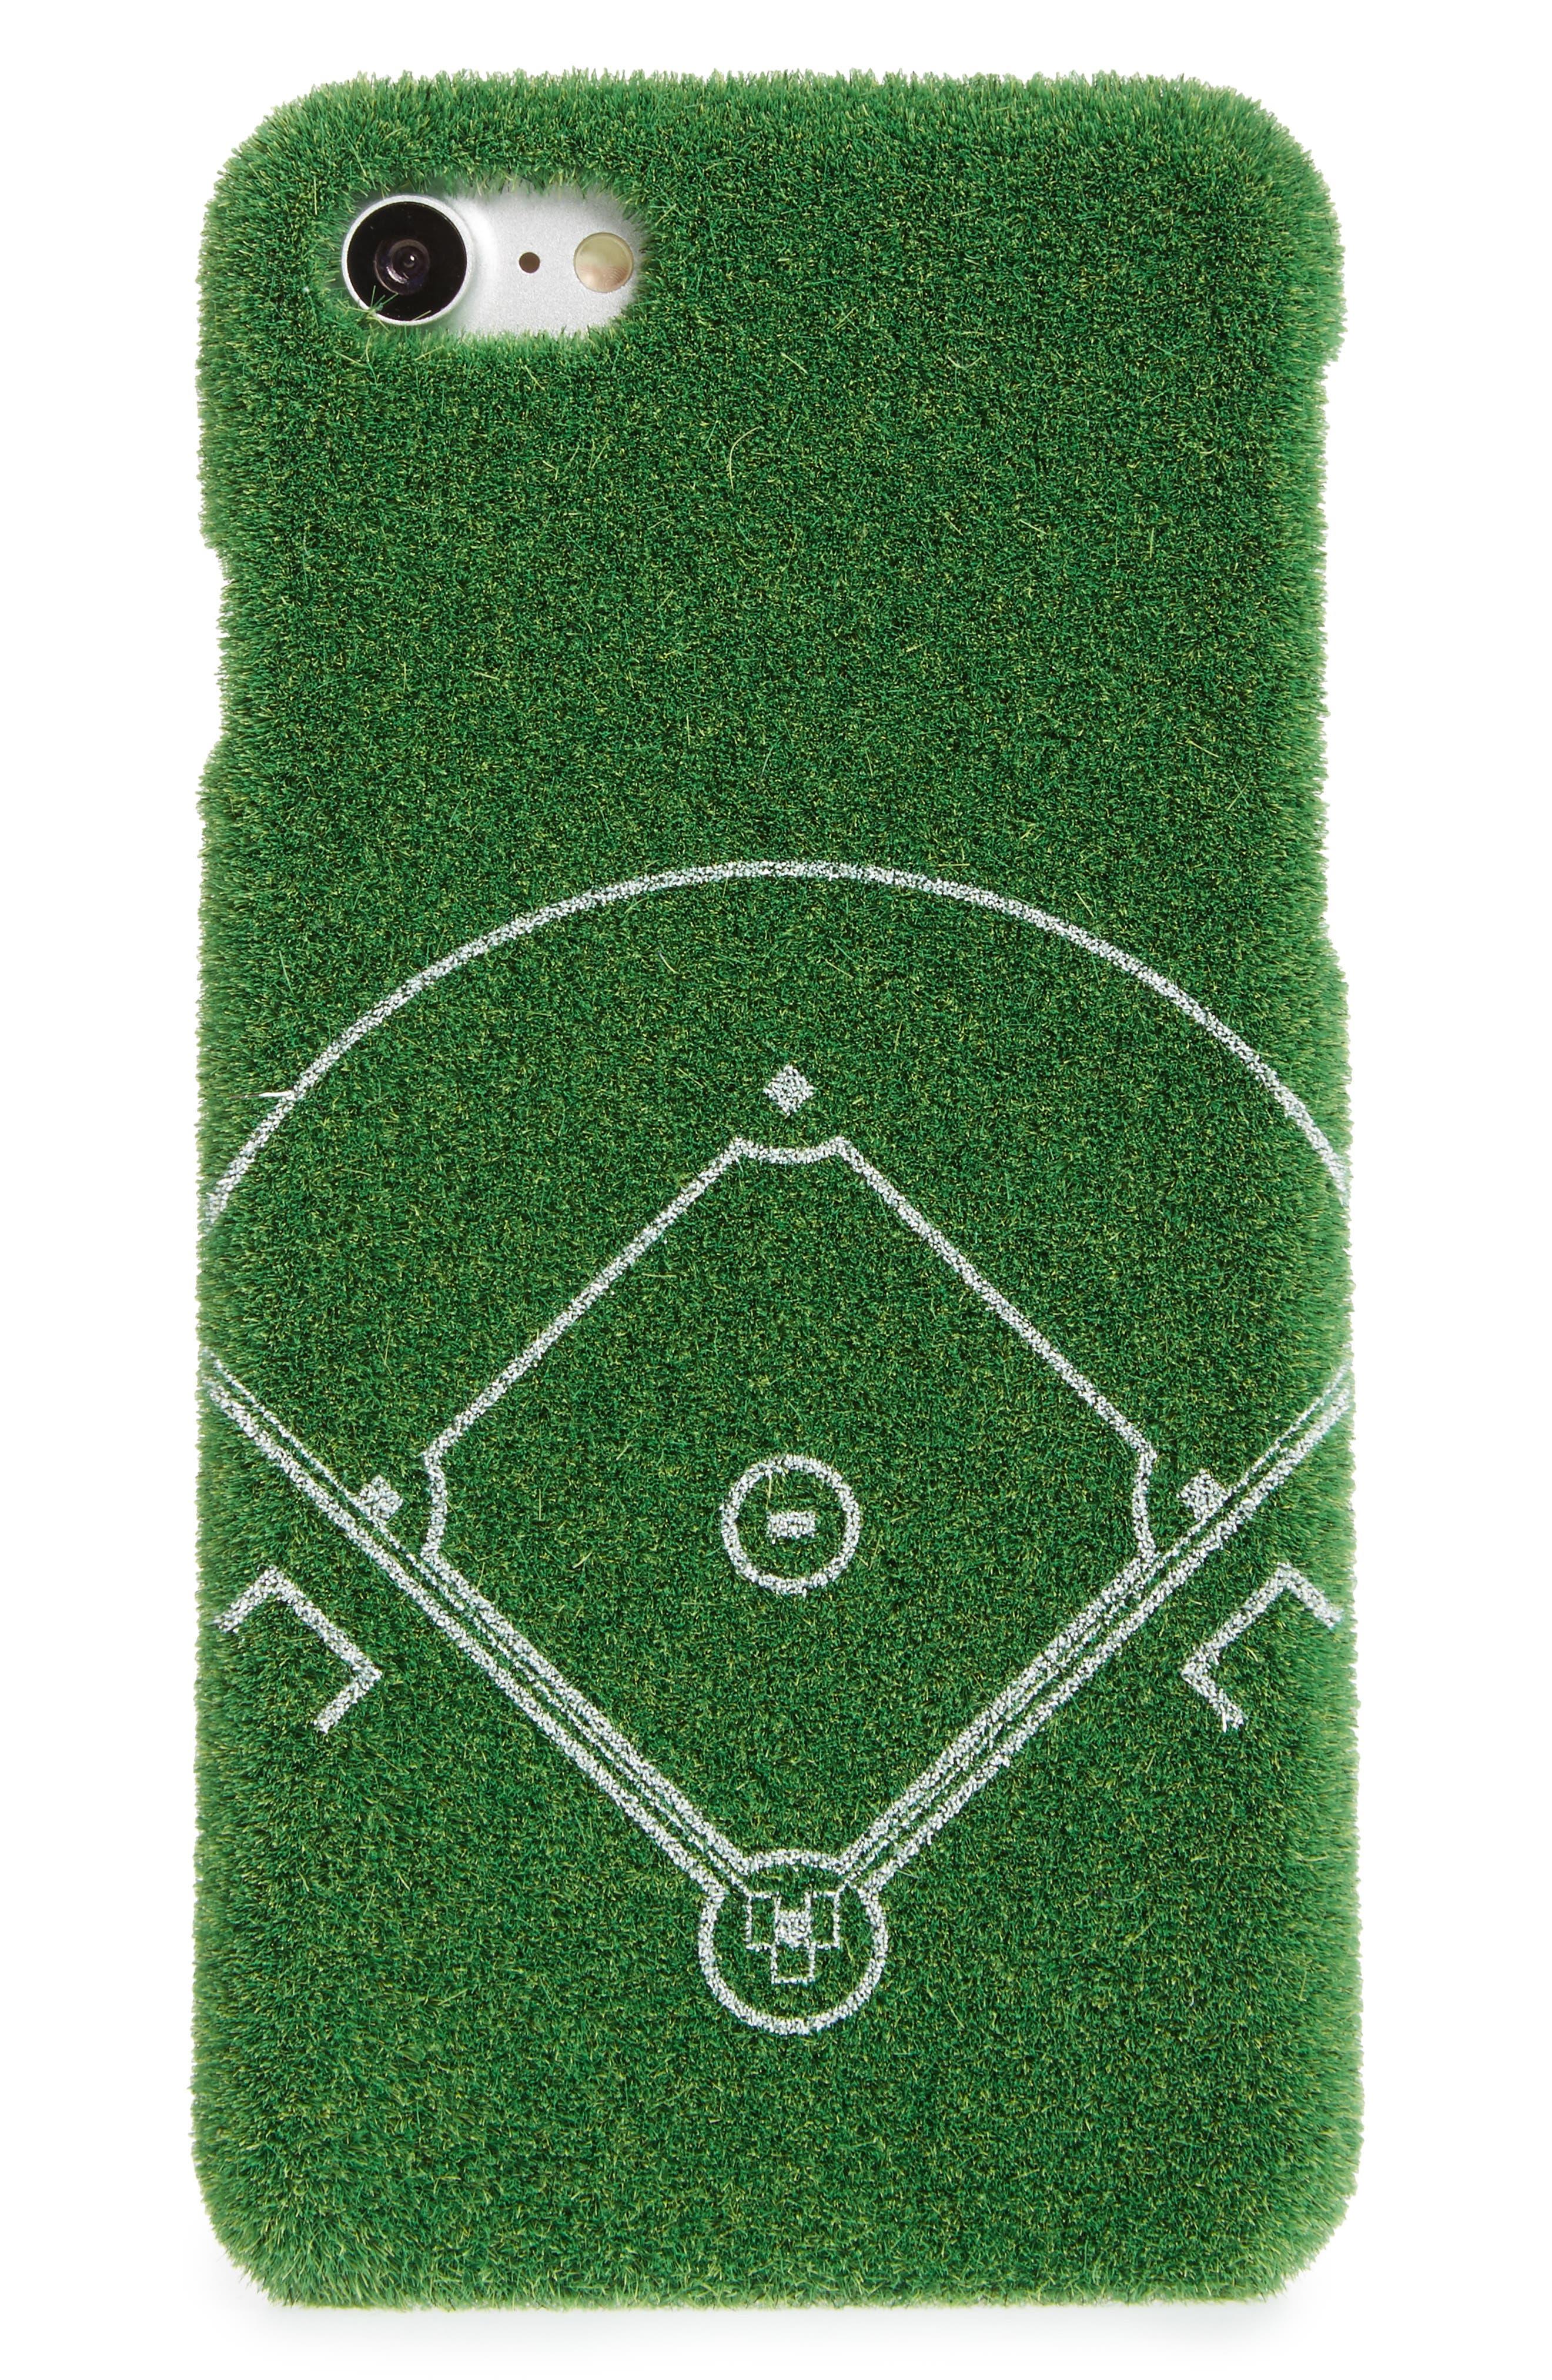 Dream Field Portable Park iPhone 7/8 & 7/8 Plus Case,                             Alternate thumbnail 3, color,